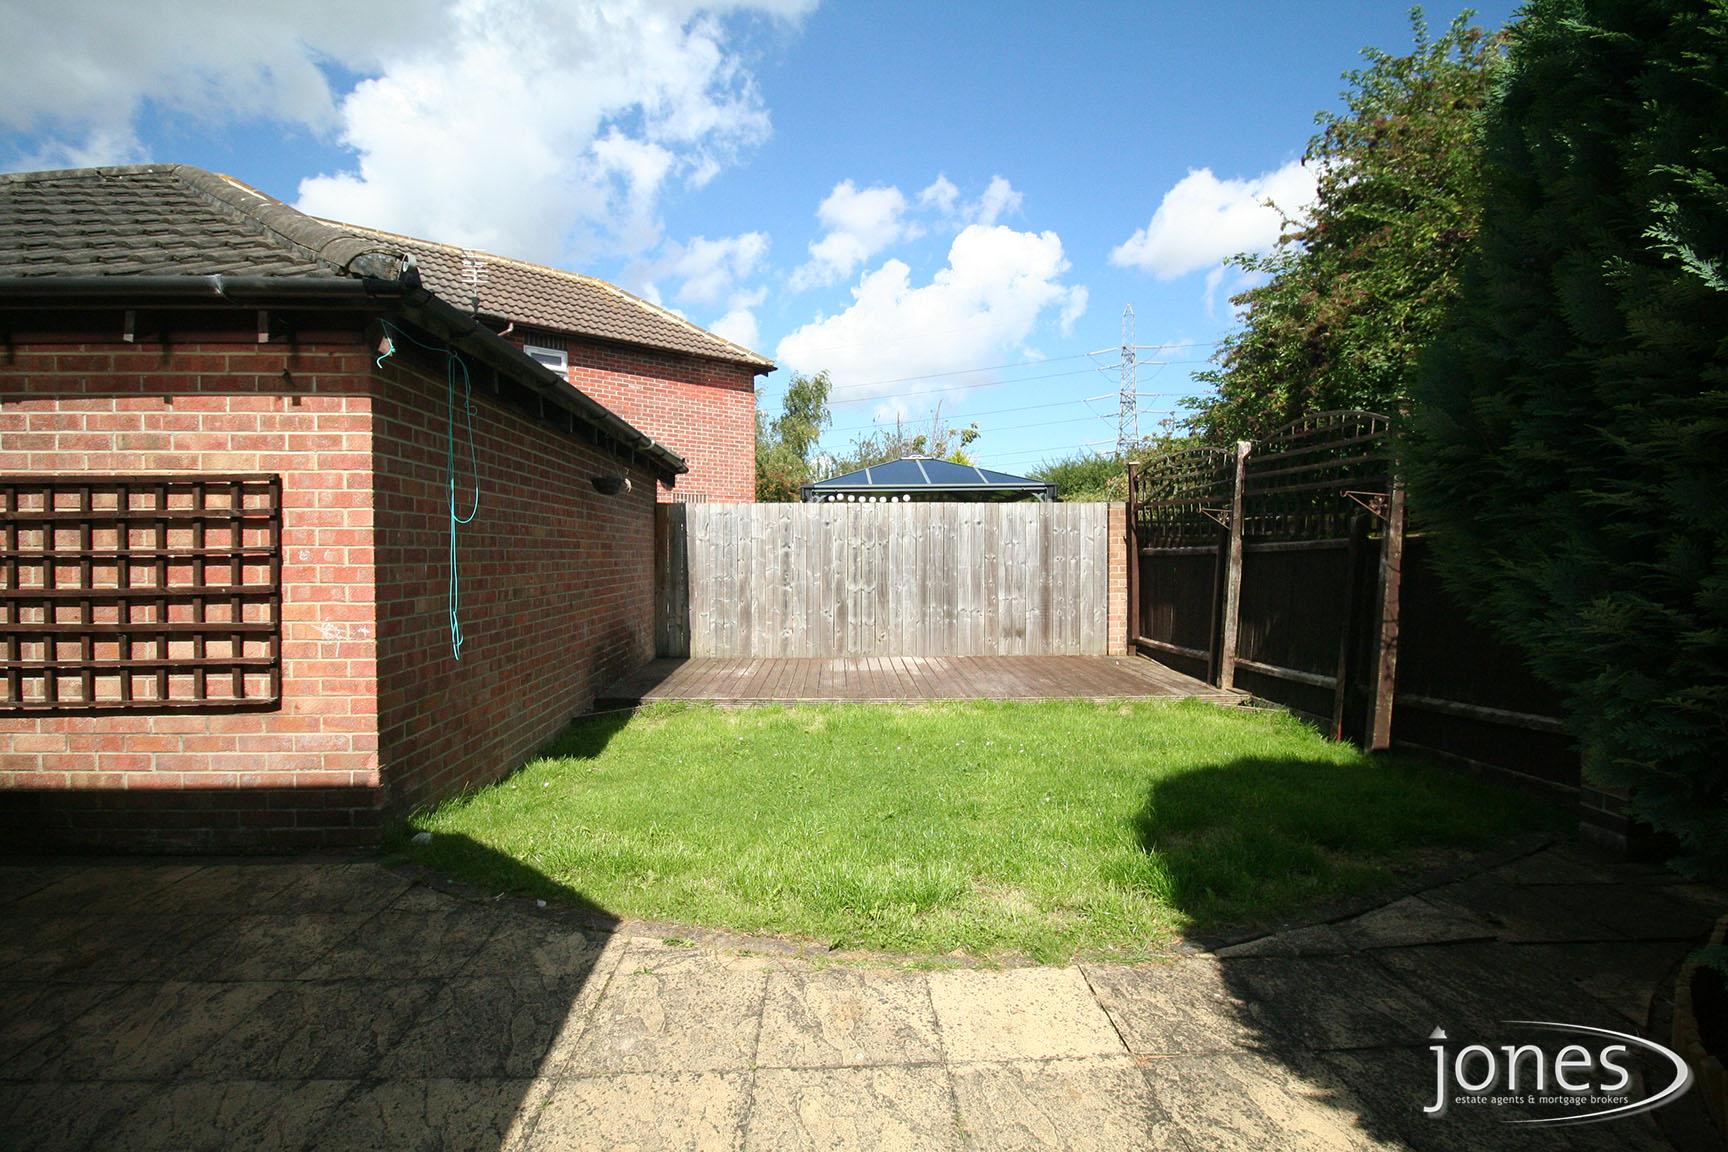 Home for Sale Let - Photo 12 Millington Close, Billingham, TS23 3FD